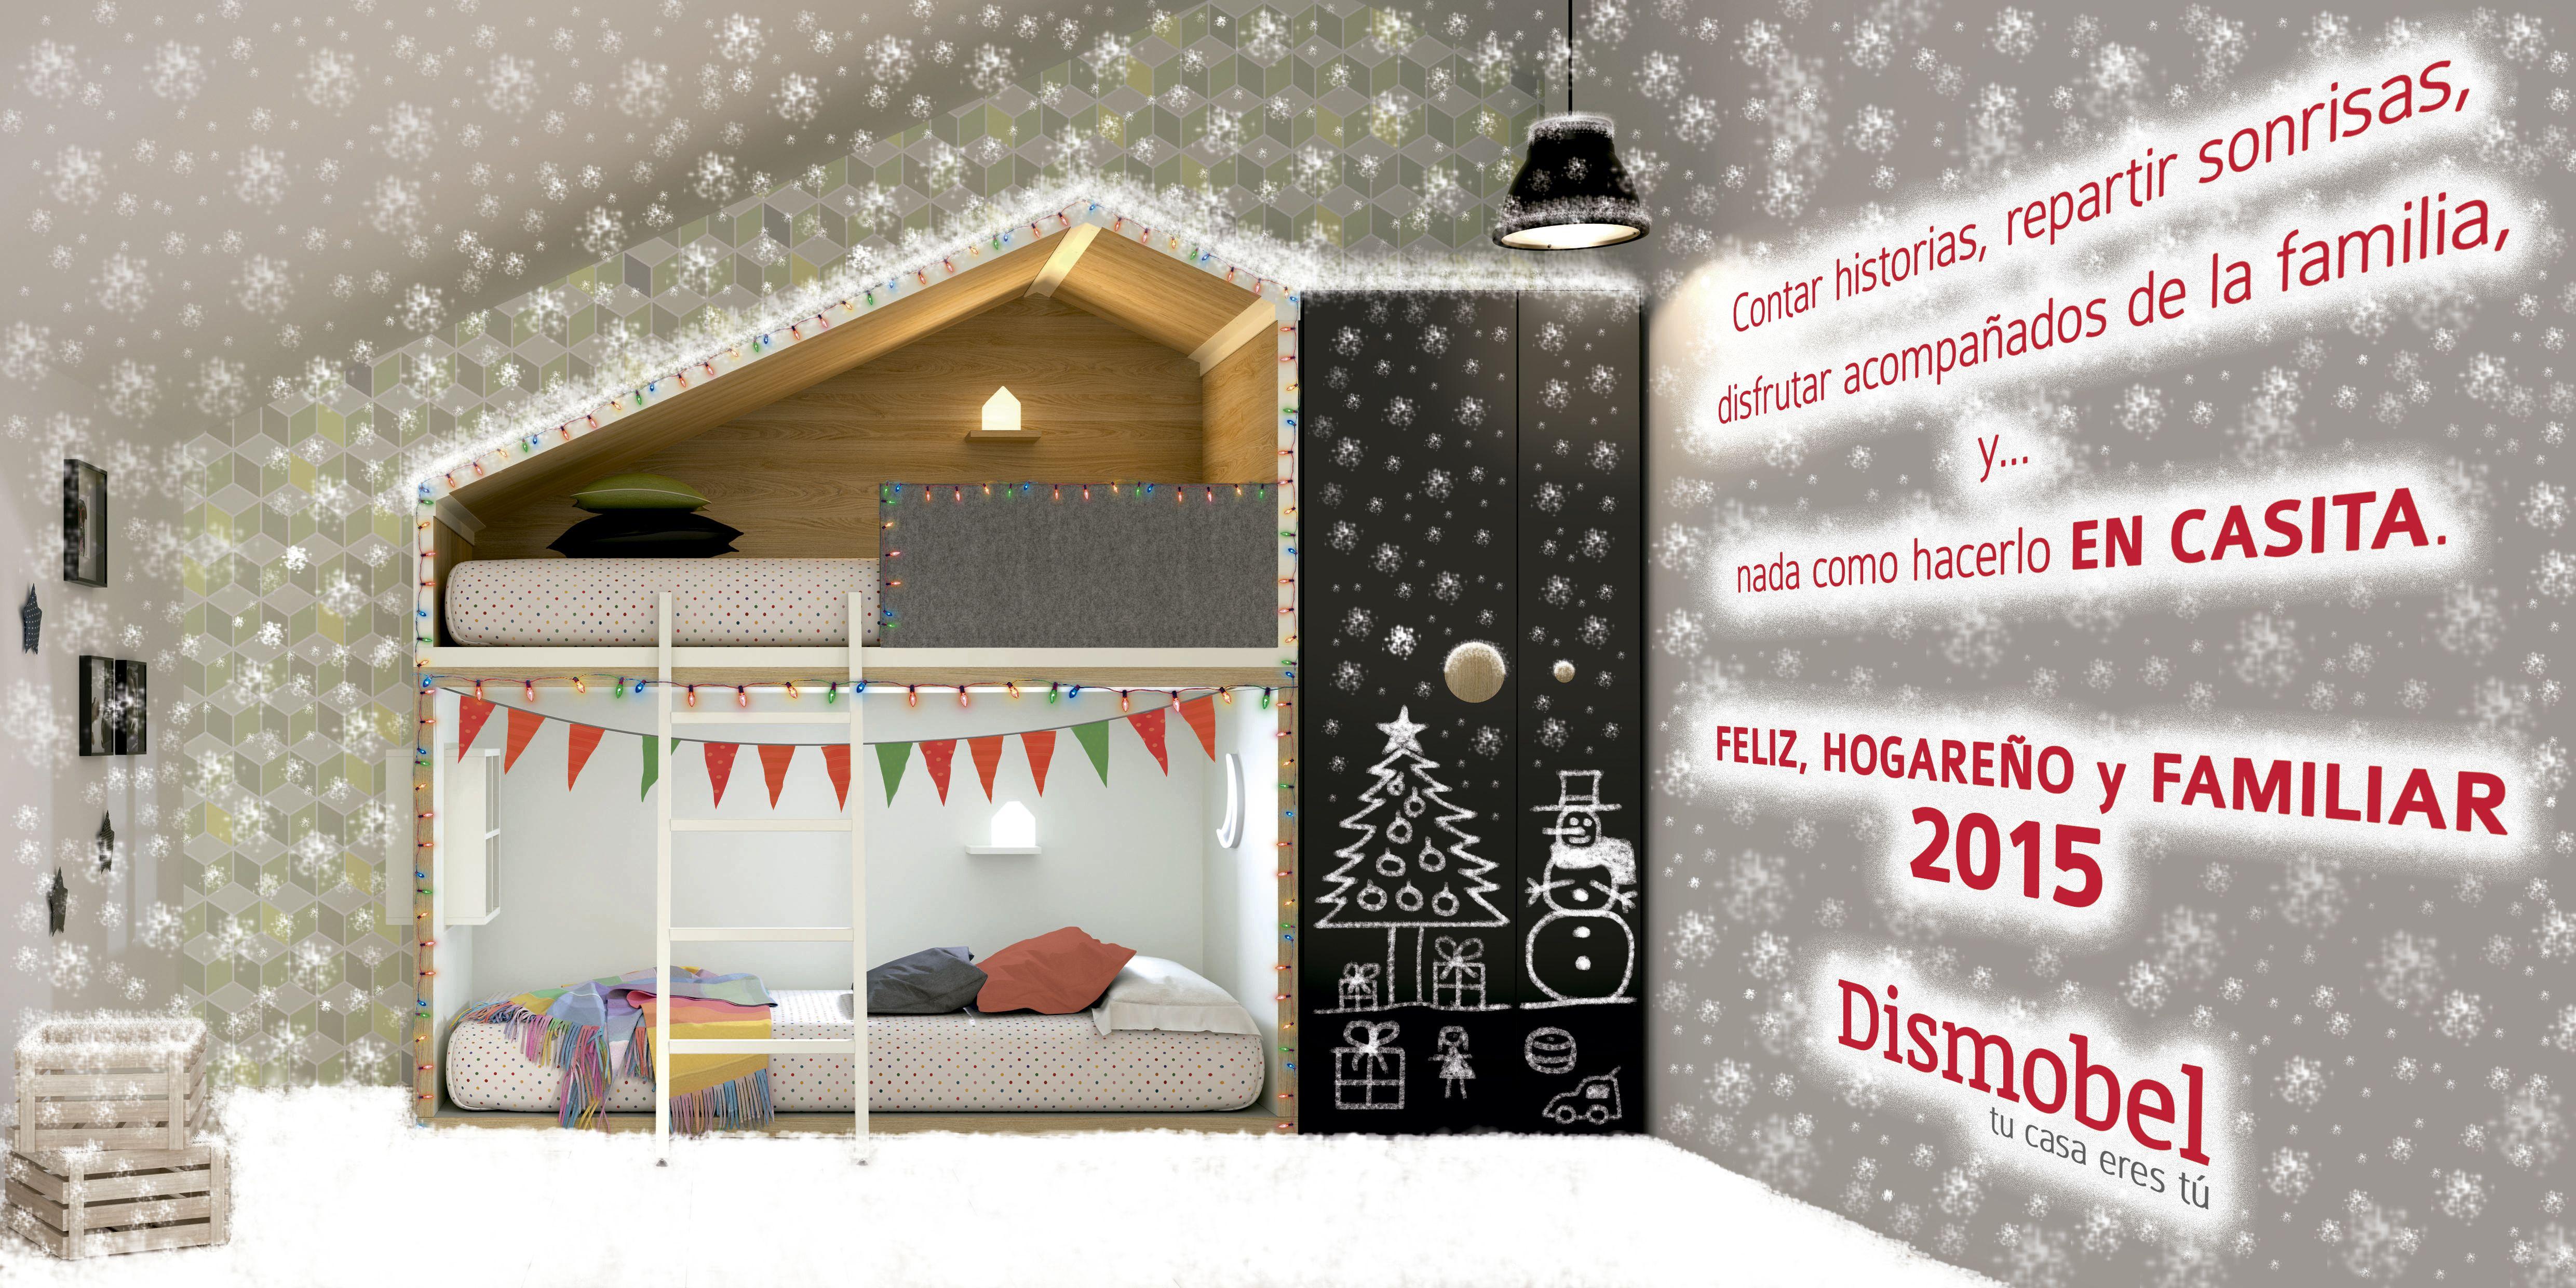 Todo el equipo que damos vida a Dismobel te deseamos unas felices fiestas, y un próspero año 2015 lleno de propósitos hechos realidad. Feliz Navidad..!!!